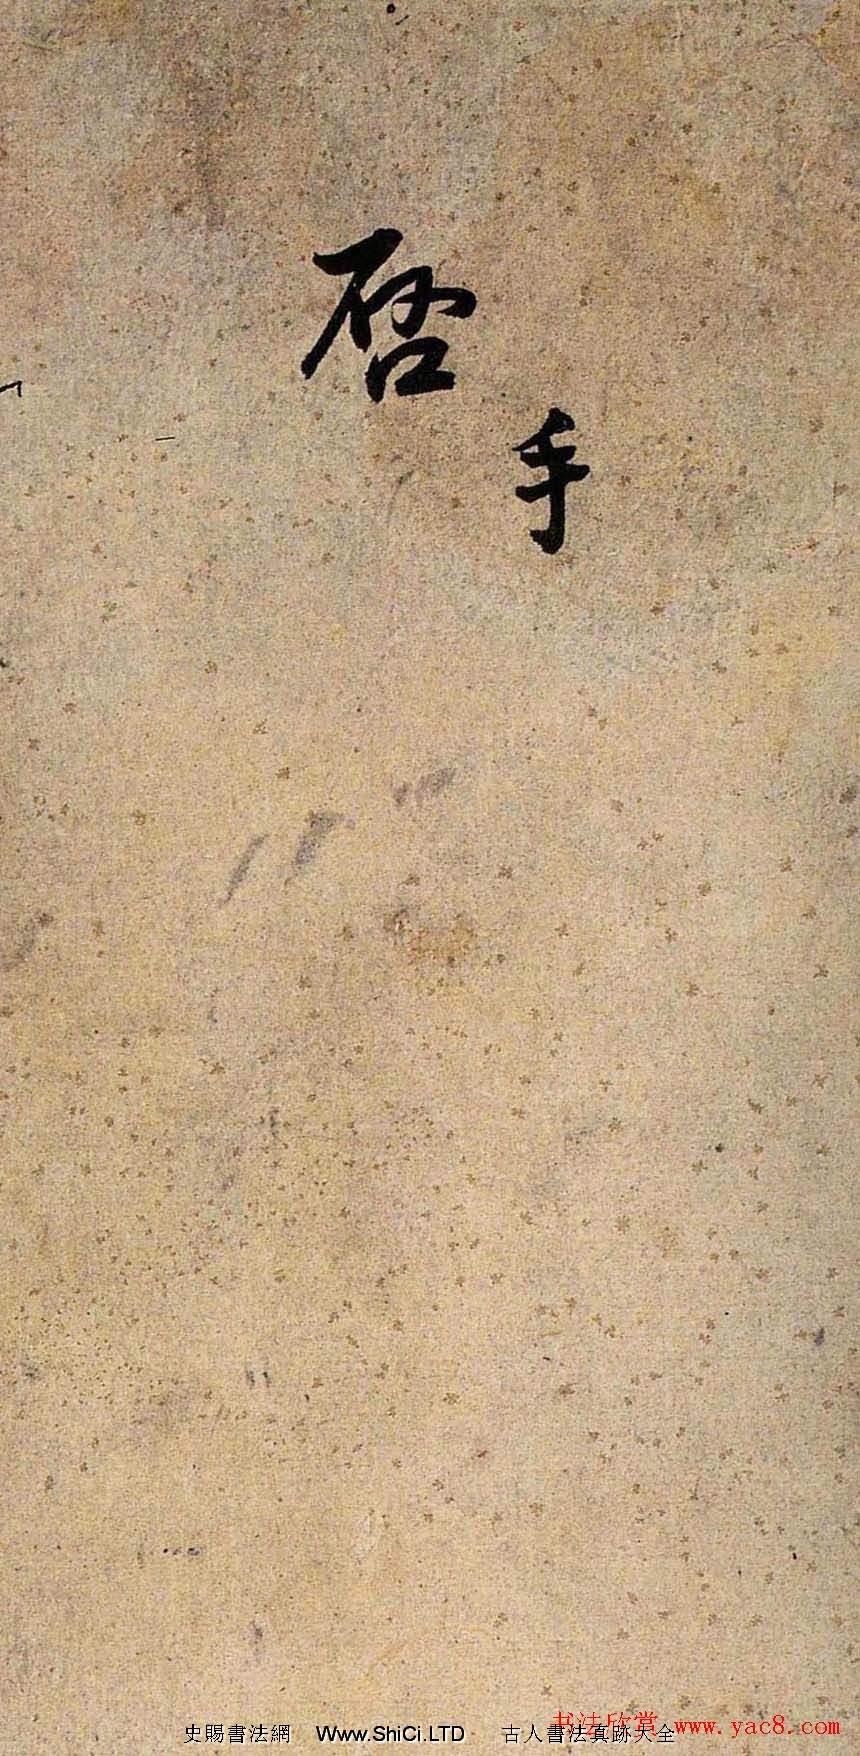 王鐸行書書法冊頁字帖《手啟》(共20張圖片)